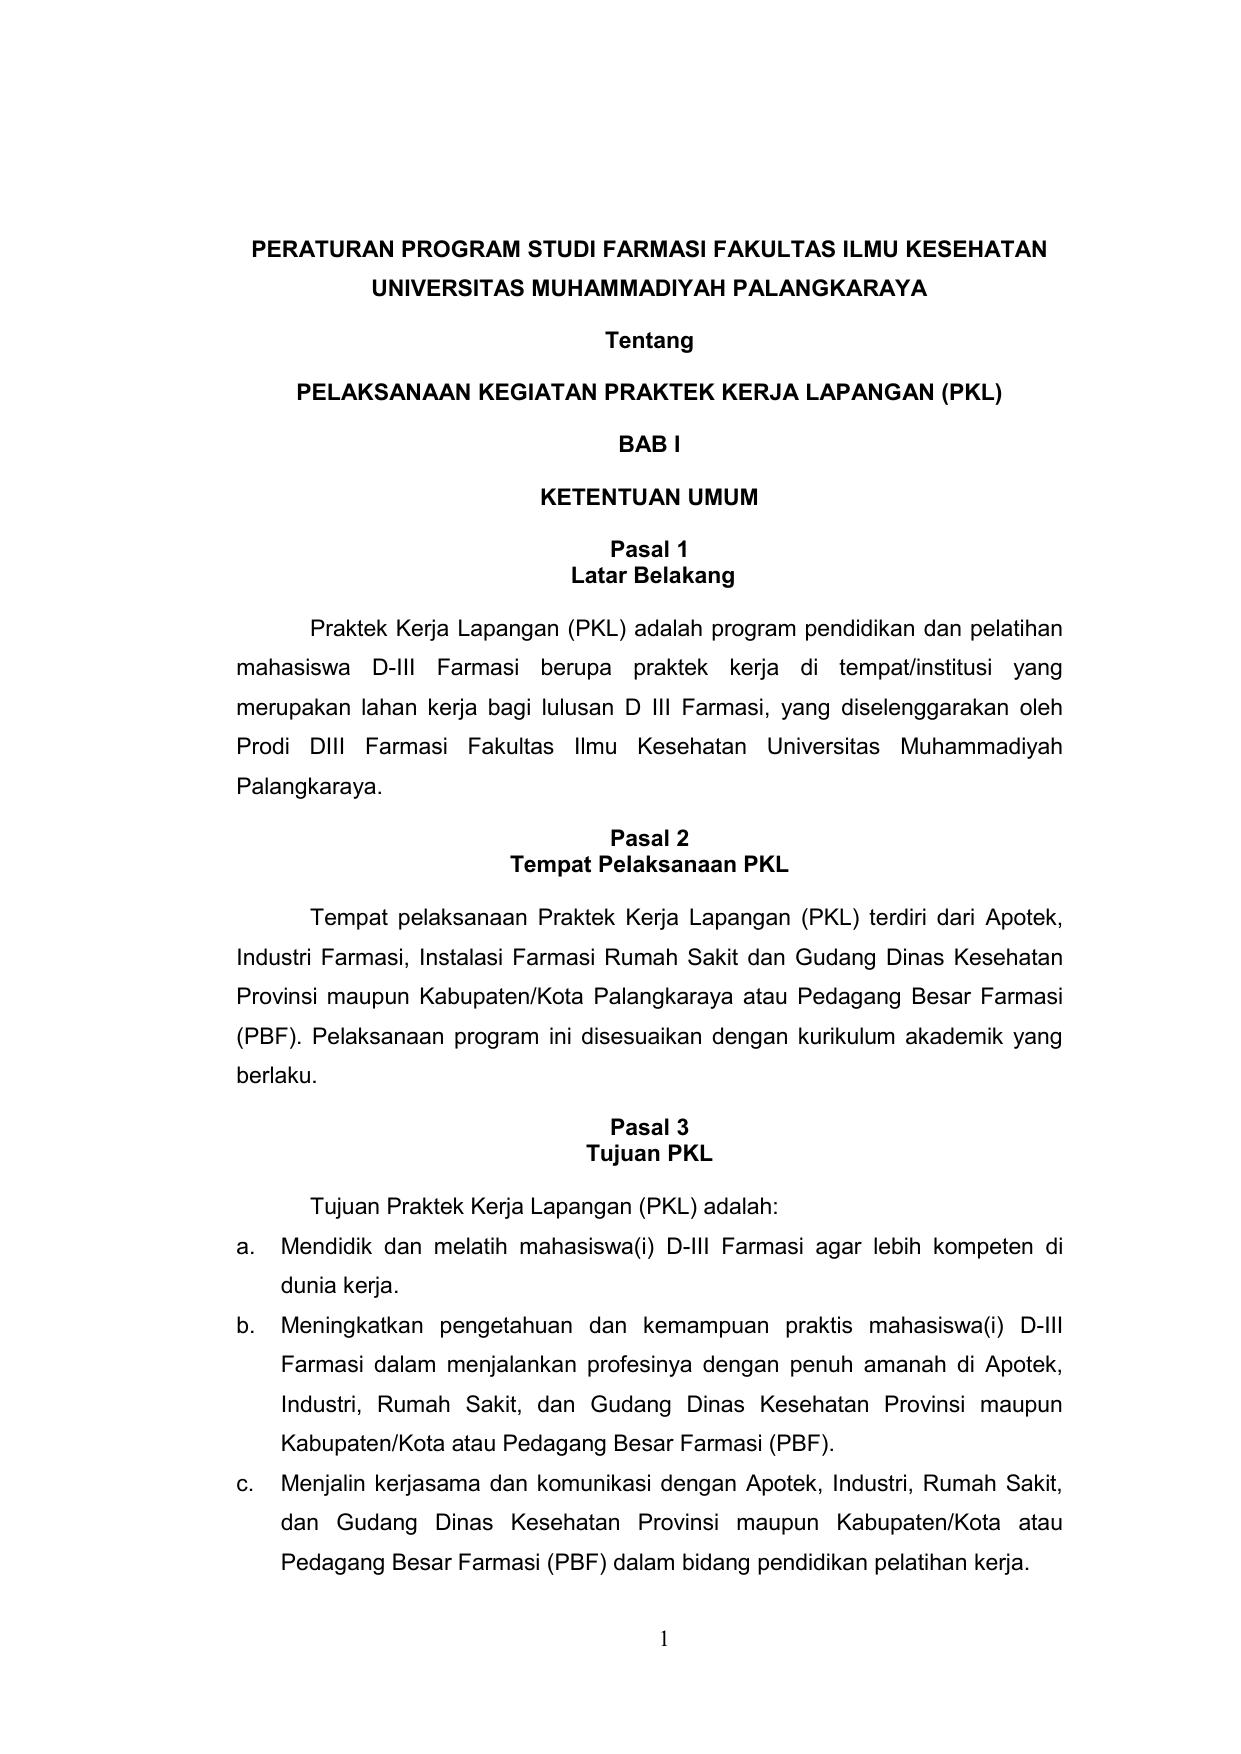 Peraturan Program Studi Farmasi Fakultas Ilmu